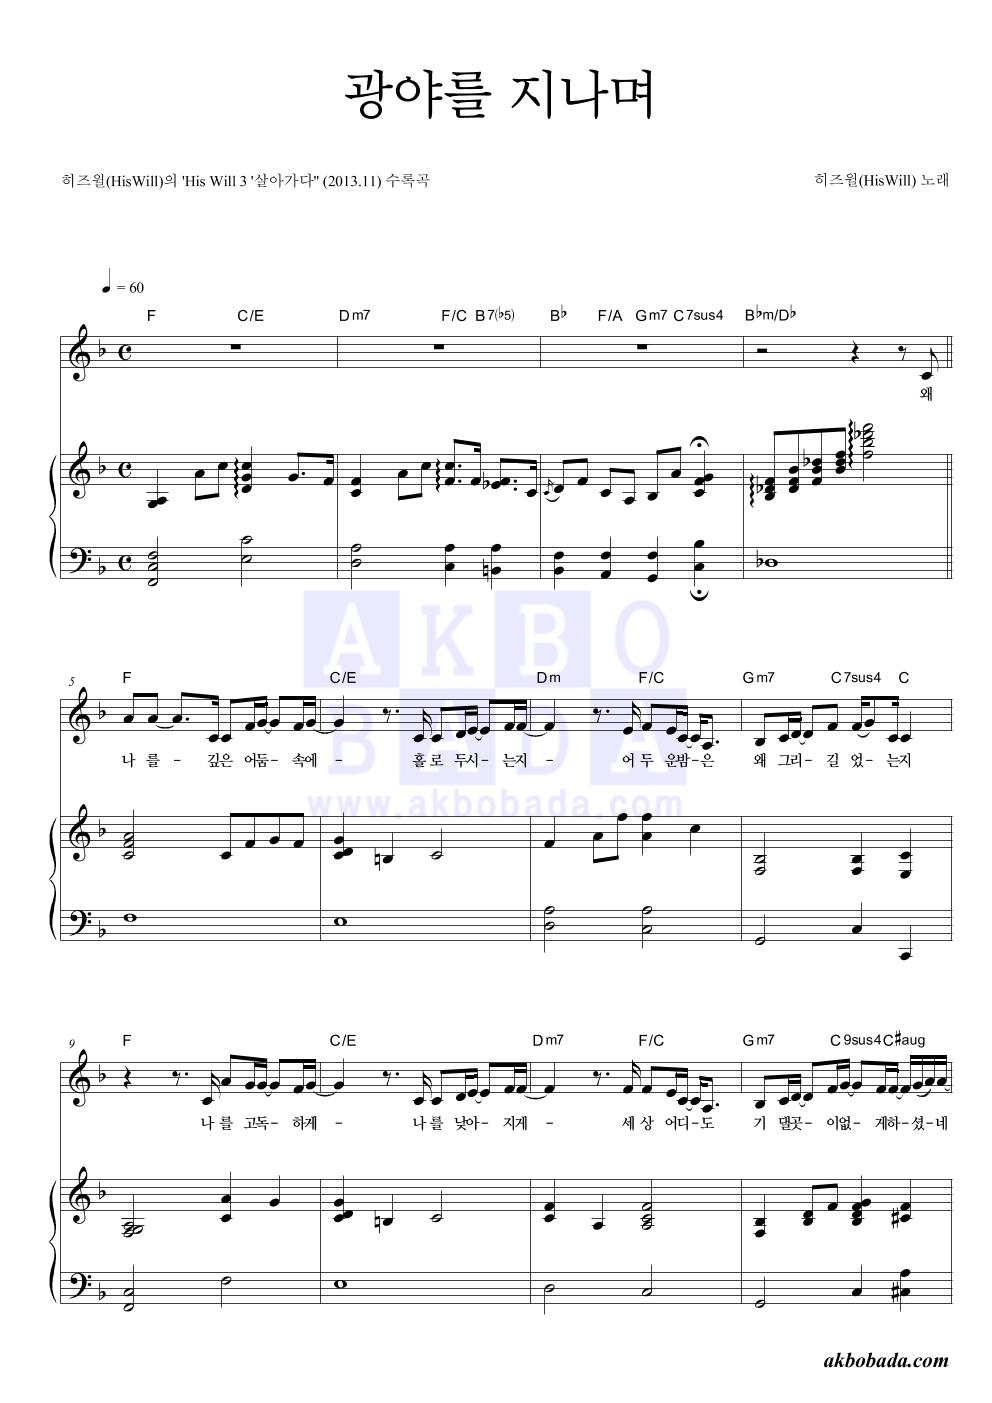 히즈윌 - 광야를 지나며 피아노 3단 악보